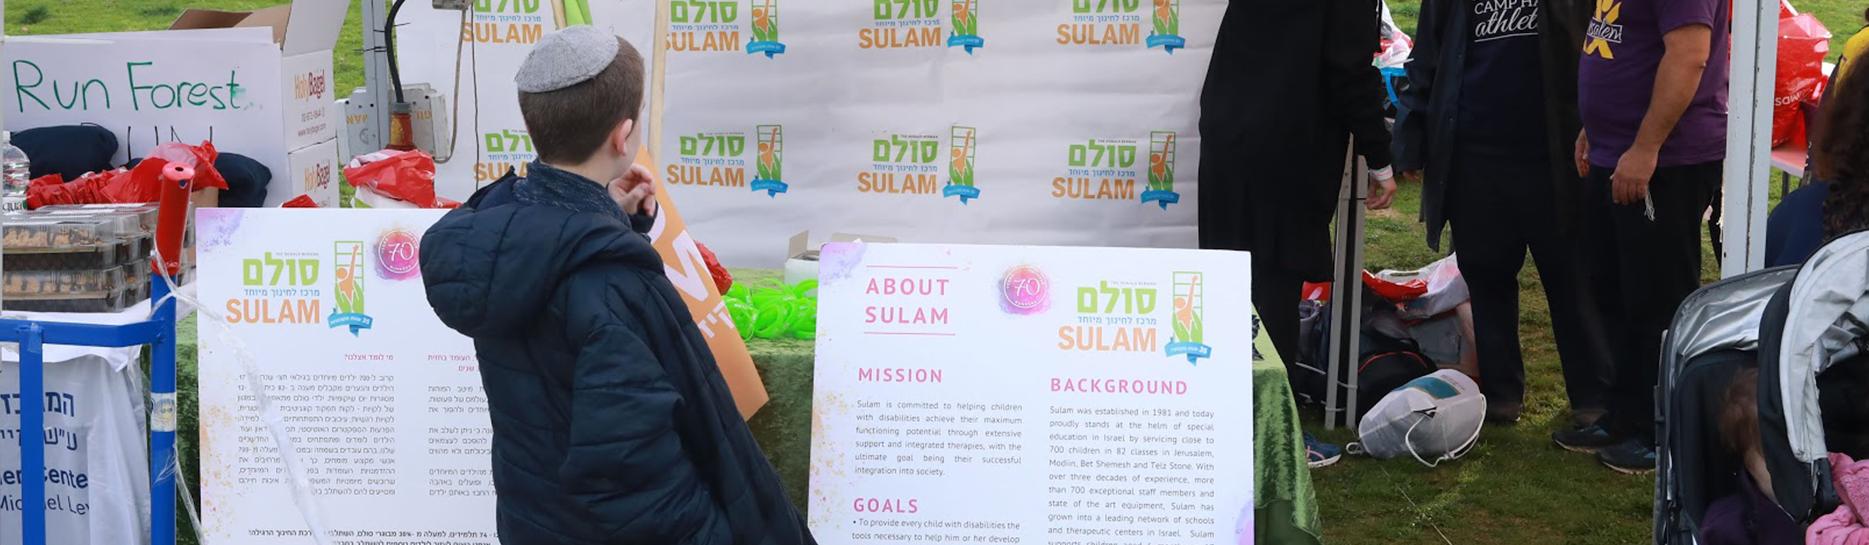 ערב פסטה כהכנה למרתון ירושלים 2019